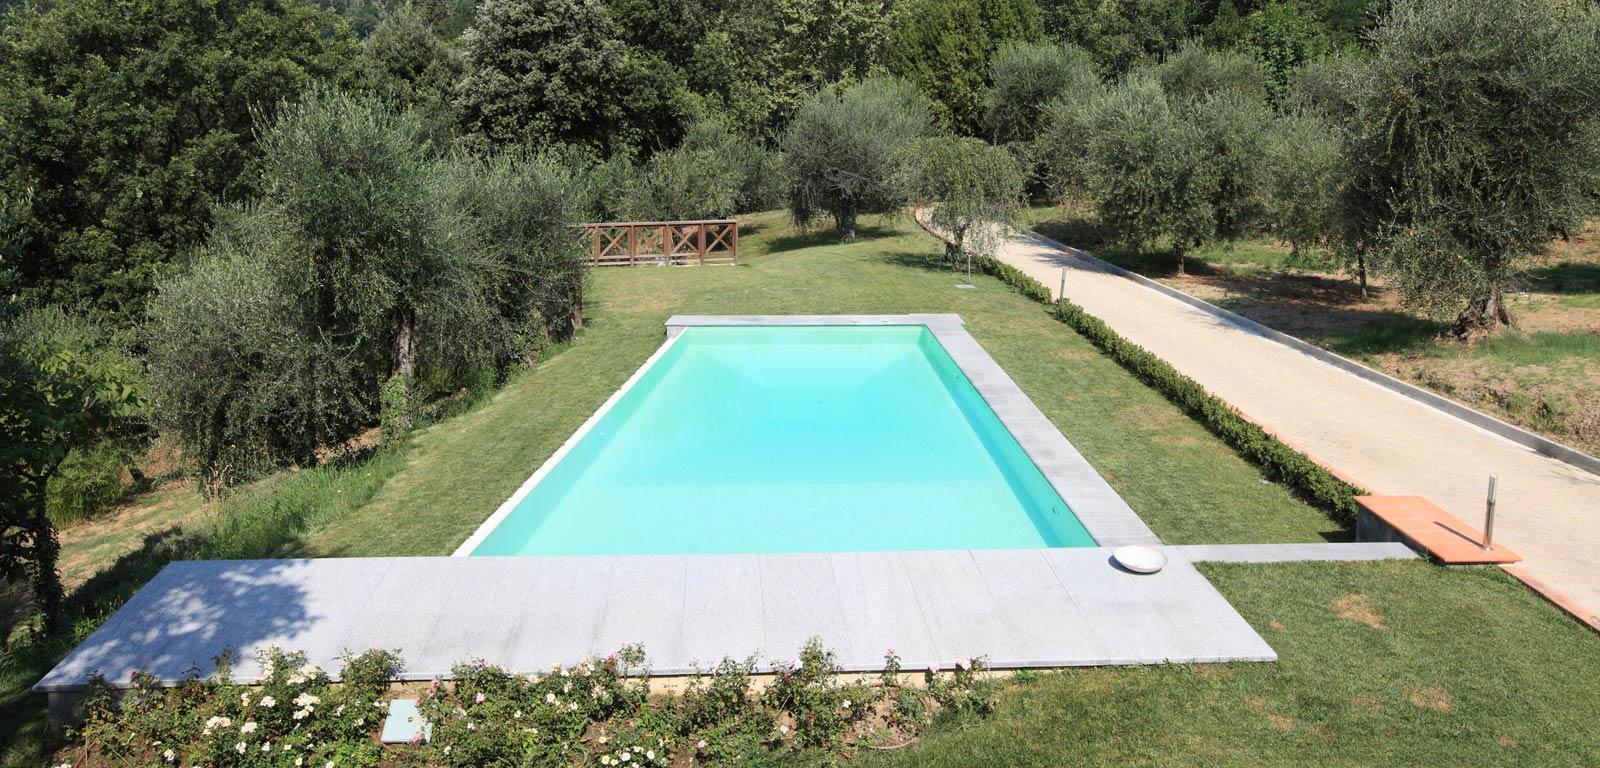 Piscine da giardino oasi di relax per casa tua piscine for Castiglione piscine